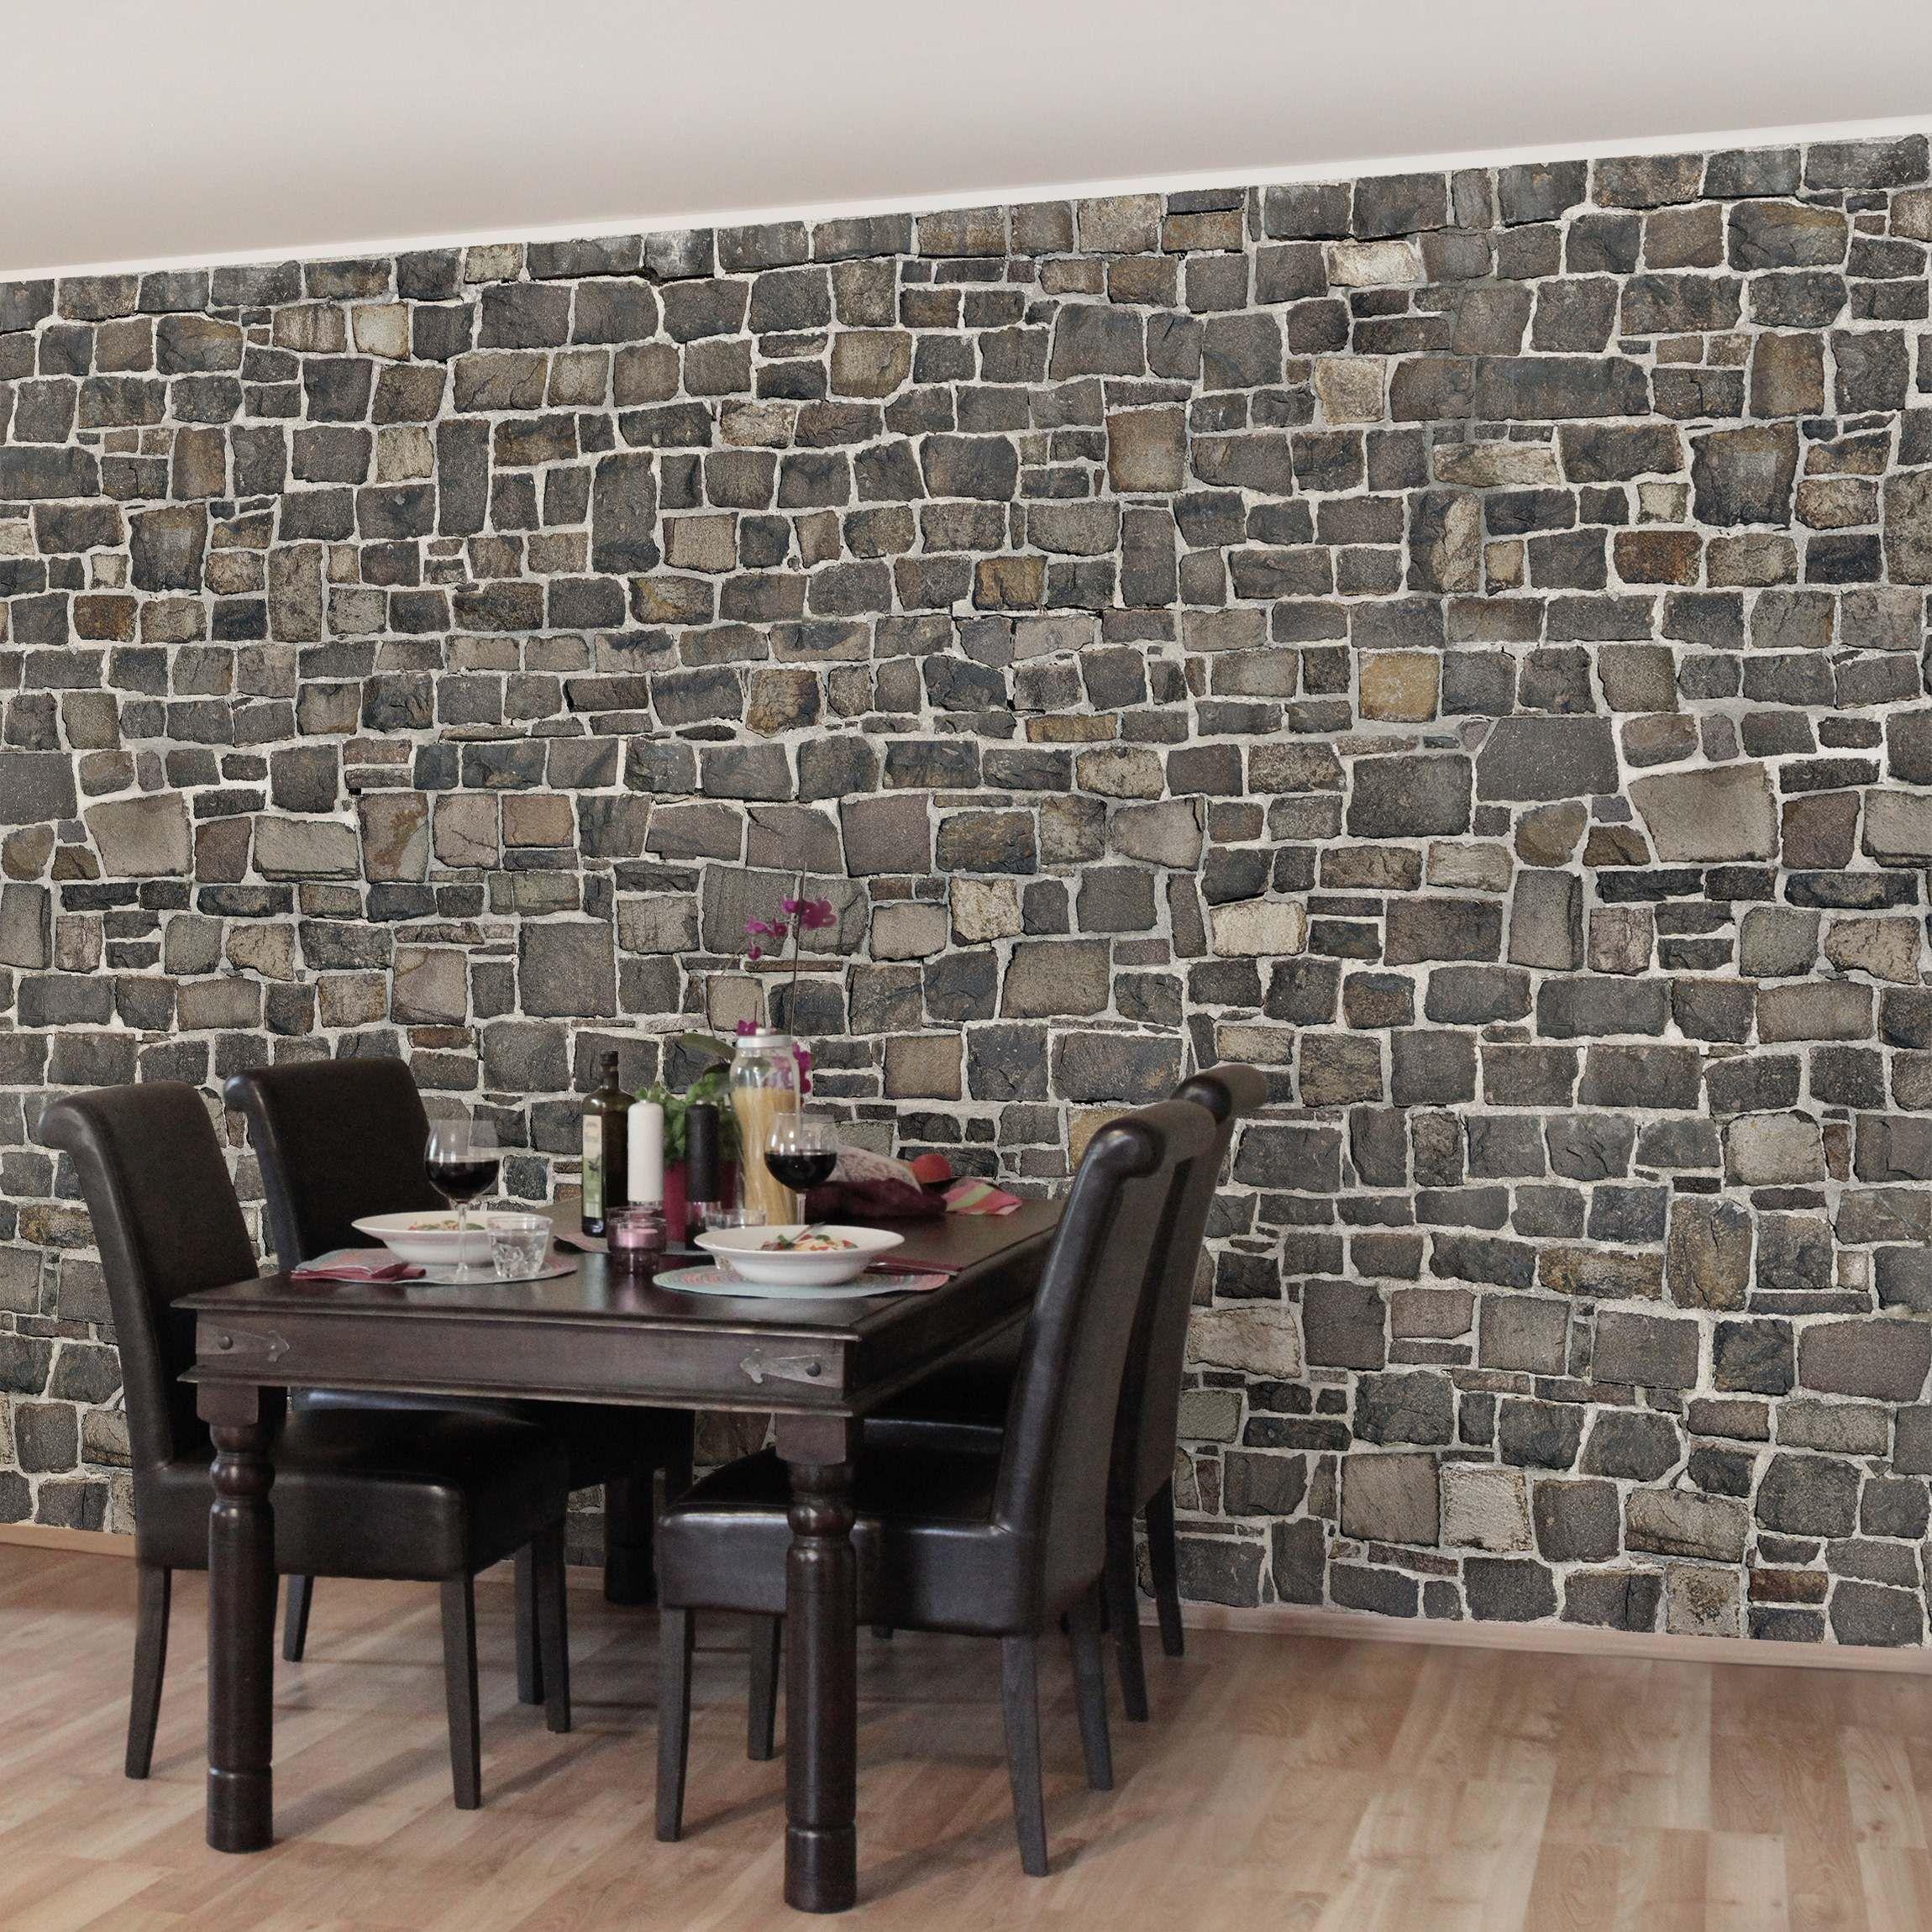 steintapete vliestapete premium bruchsteintapete natursteinwand fototapete breit - Wandgestaltung Mit Steintapete